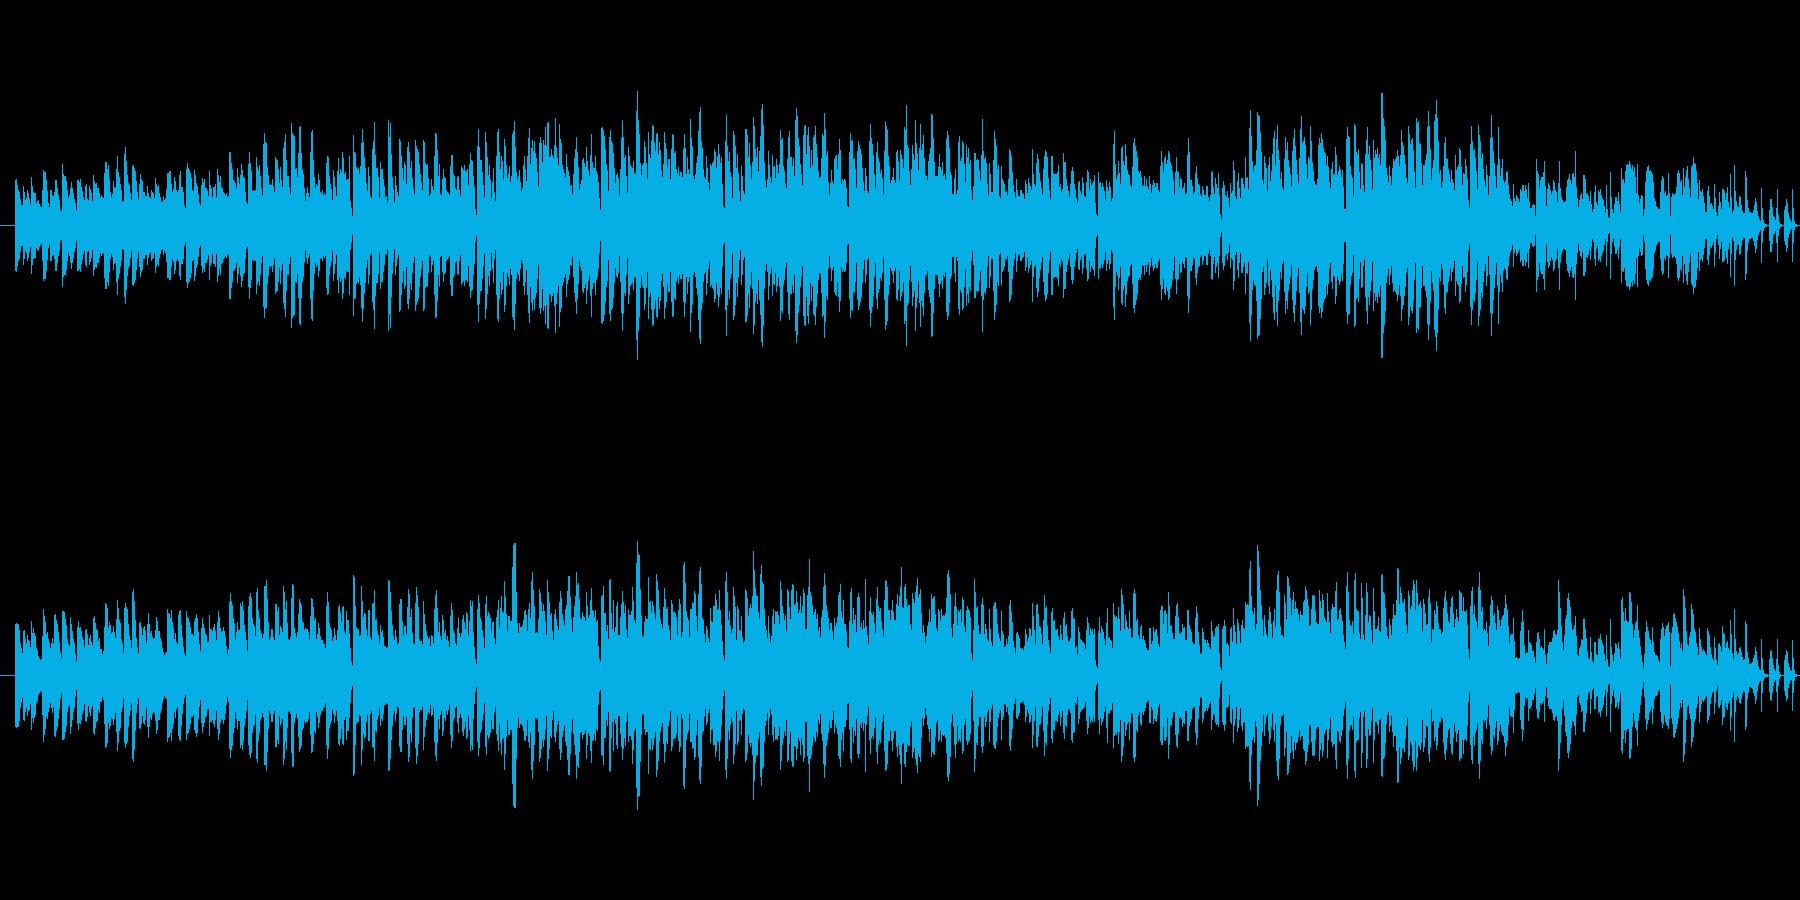 ポップなBGM パーティーの映像などにの再生済みの波形